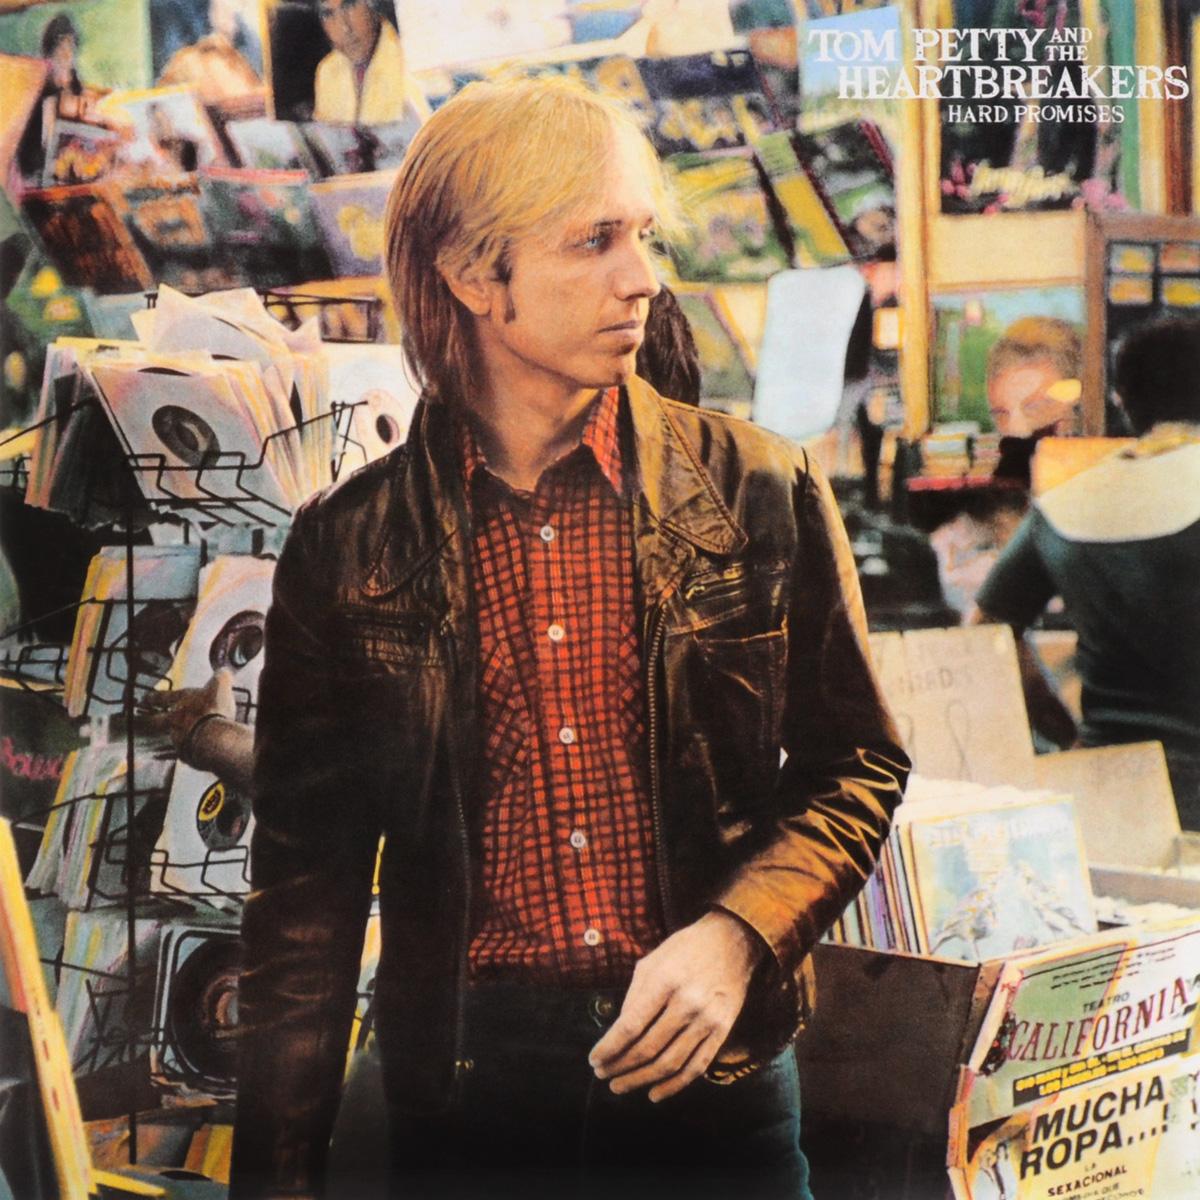 Том Петти,The Heartbreakers Tom Petty And The Heartbreakers. Hard Promises (LP)